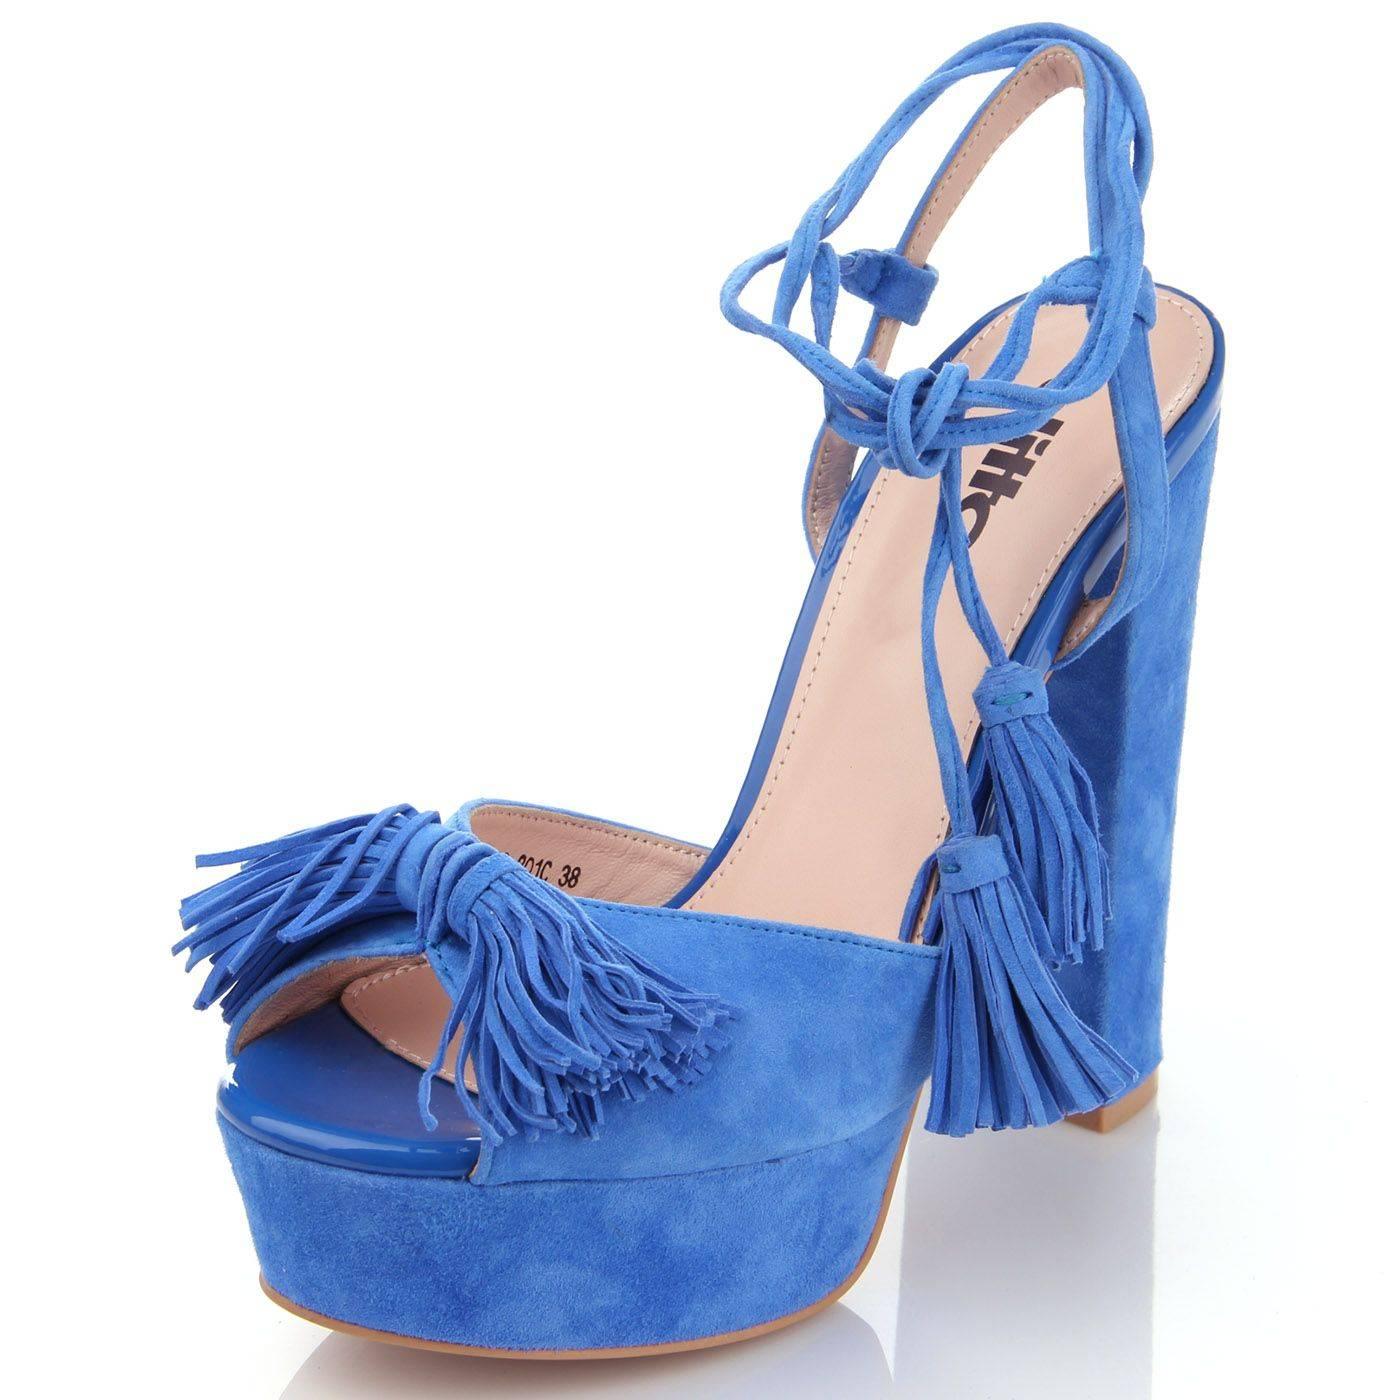 Босоніжки жіночі ditto 5556 Блакитний купить по выгодной цене в ... 64d4c99eec086